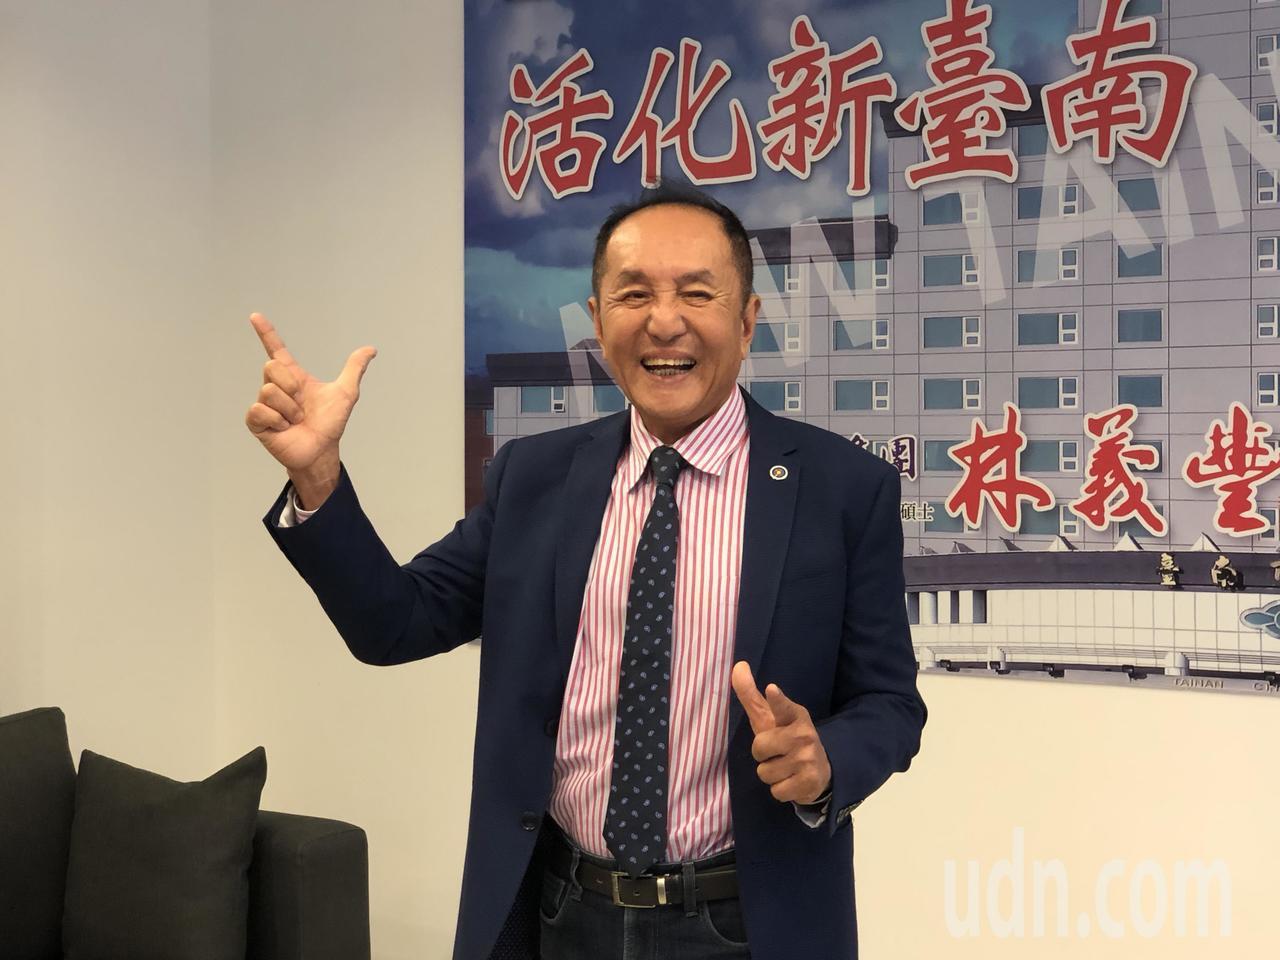 「虧雞福來爸」無黨籍林義豐今天宣布參選台南市第5選區立法委員,他充滿自信地用台語...